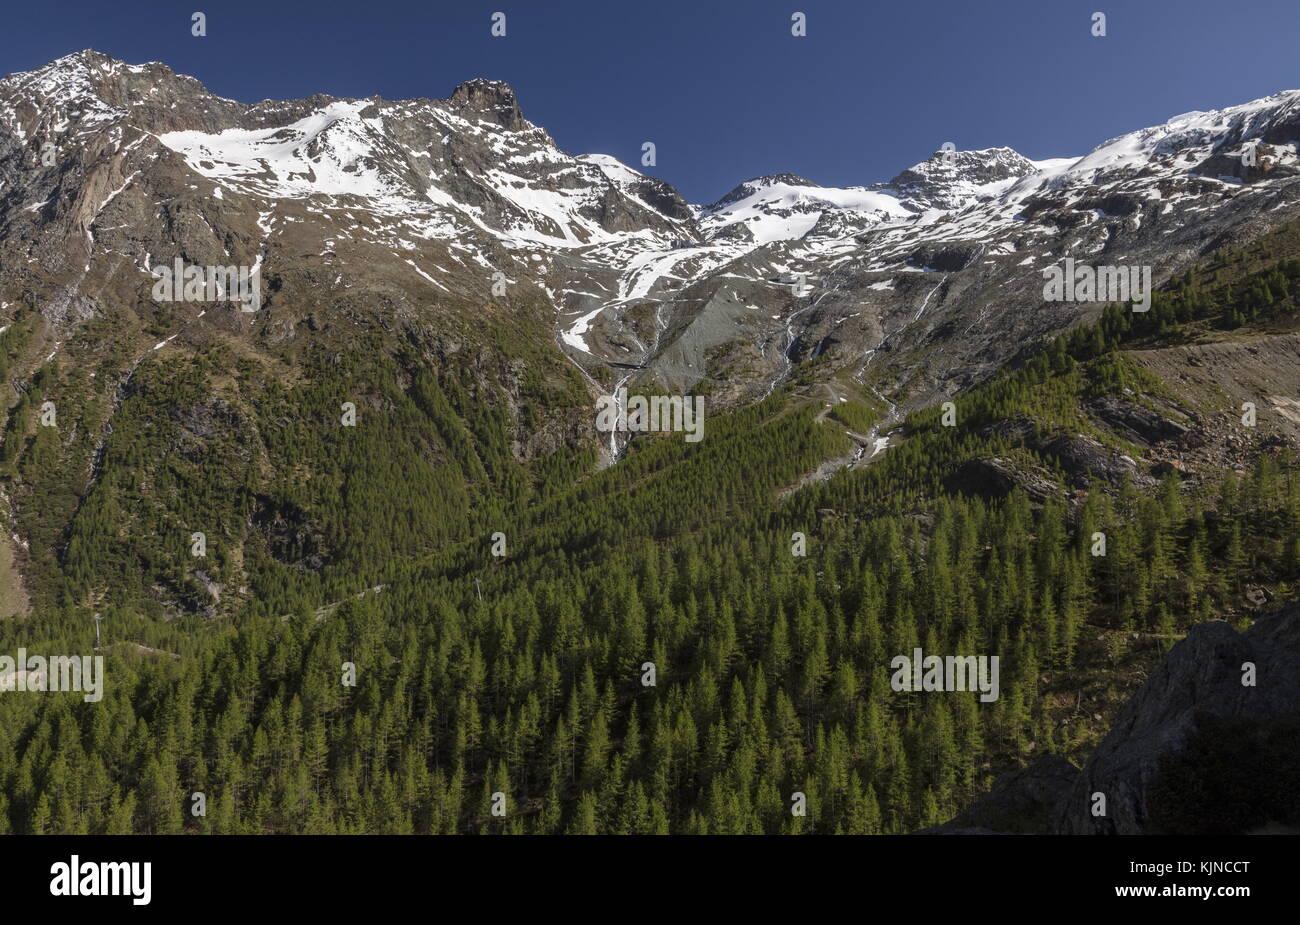 Lärche Wald an den Hängen des plattenhorn, oberhalb Saas Fee, schweizer Alpen. Stockbild